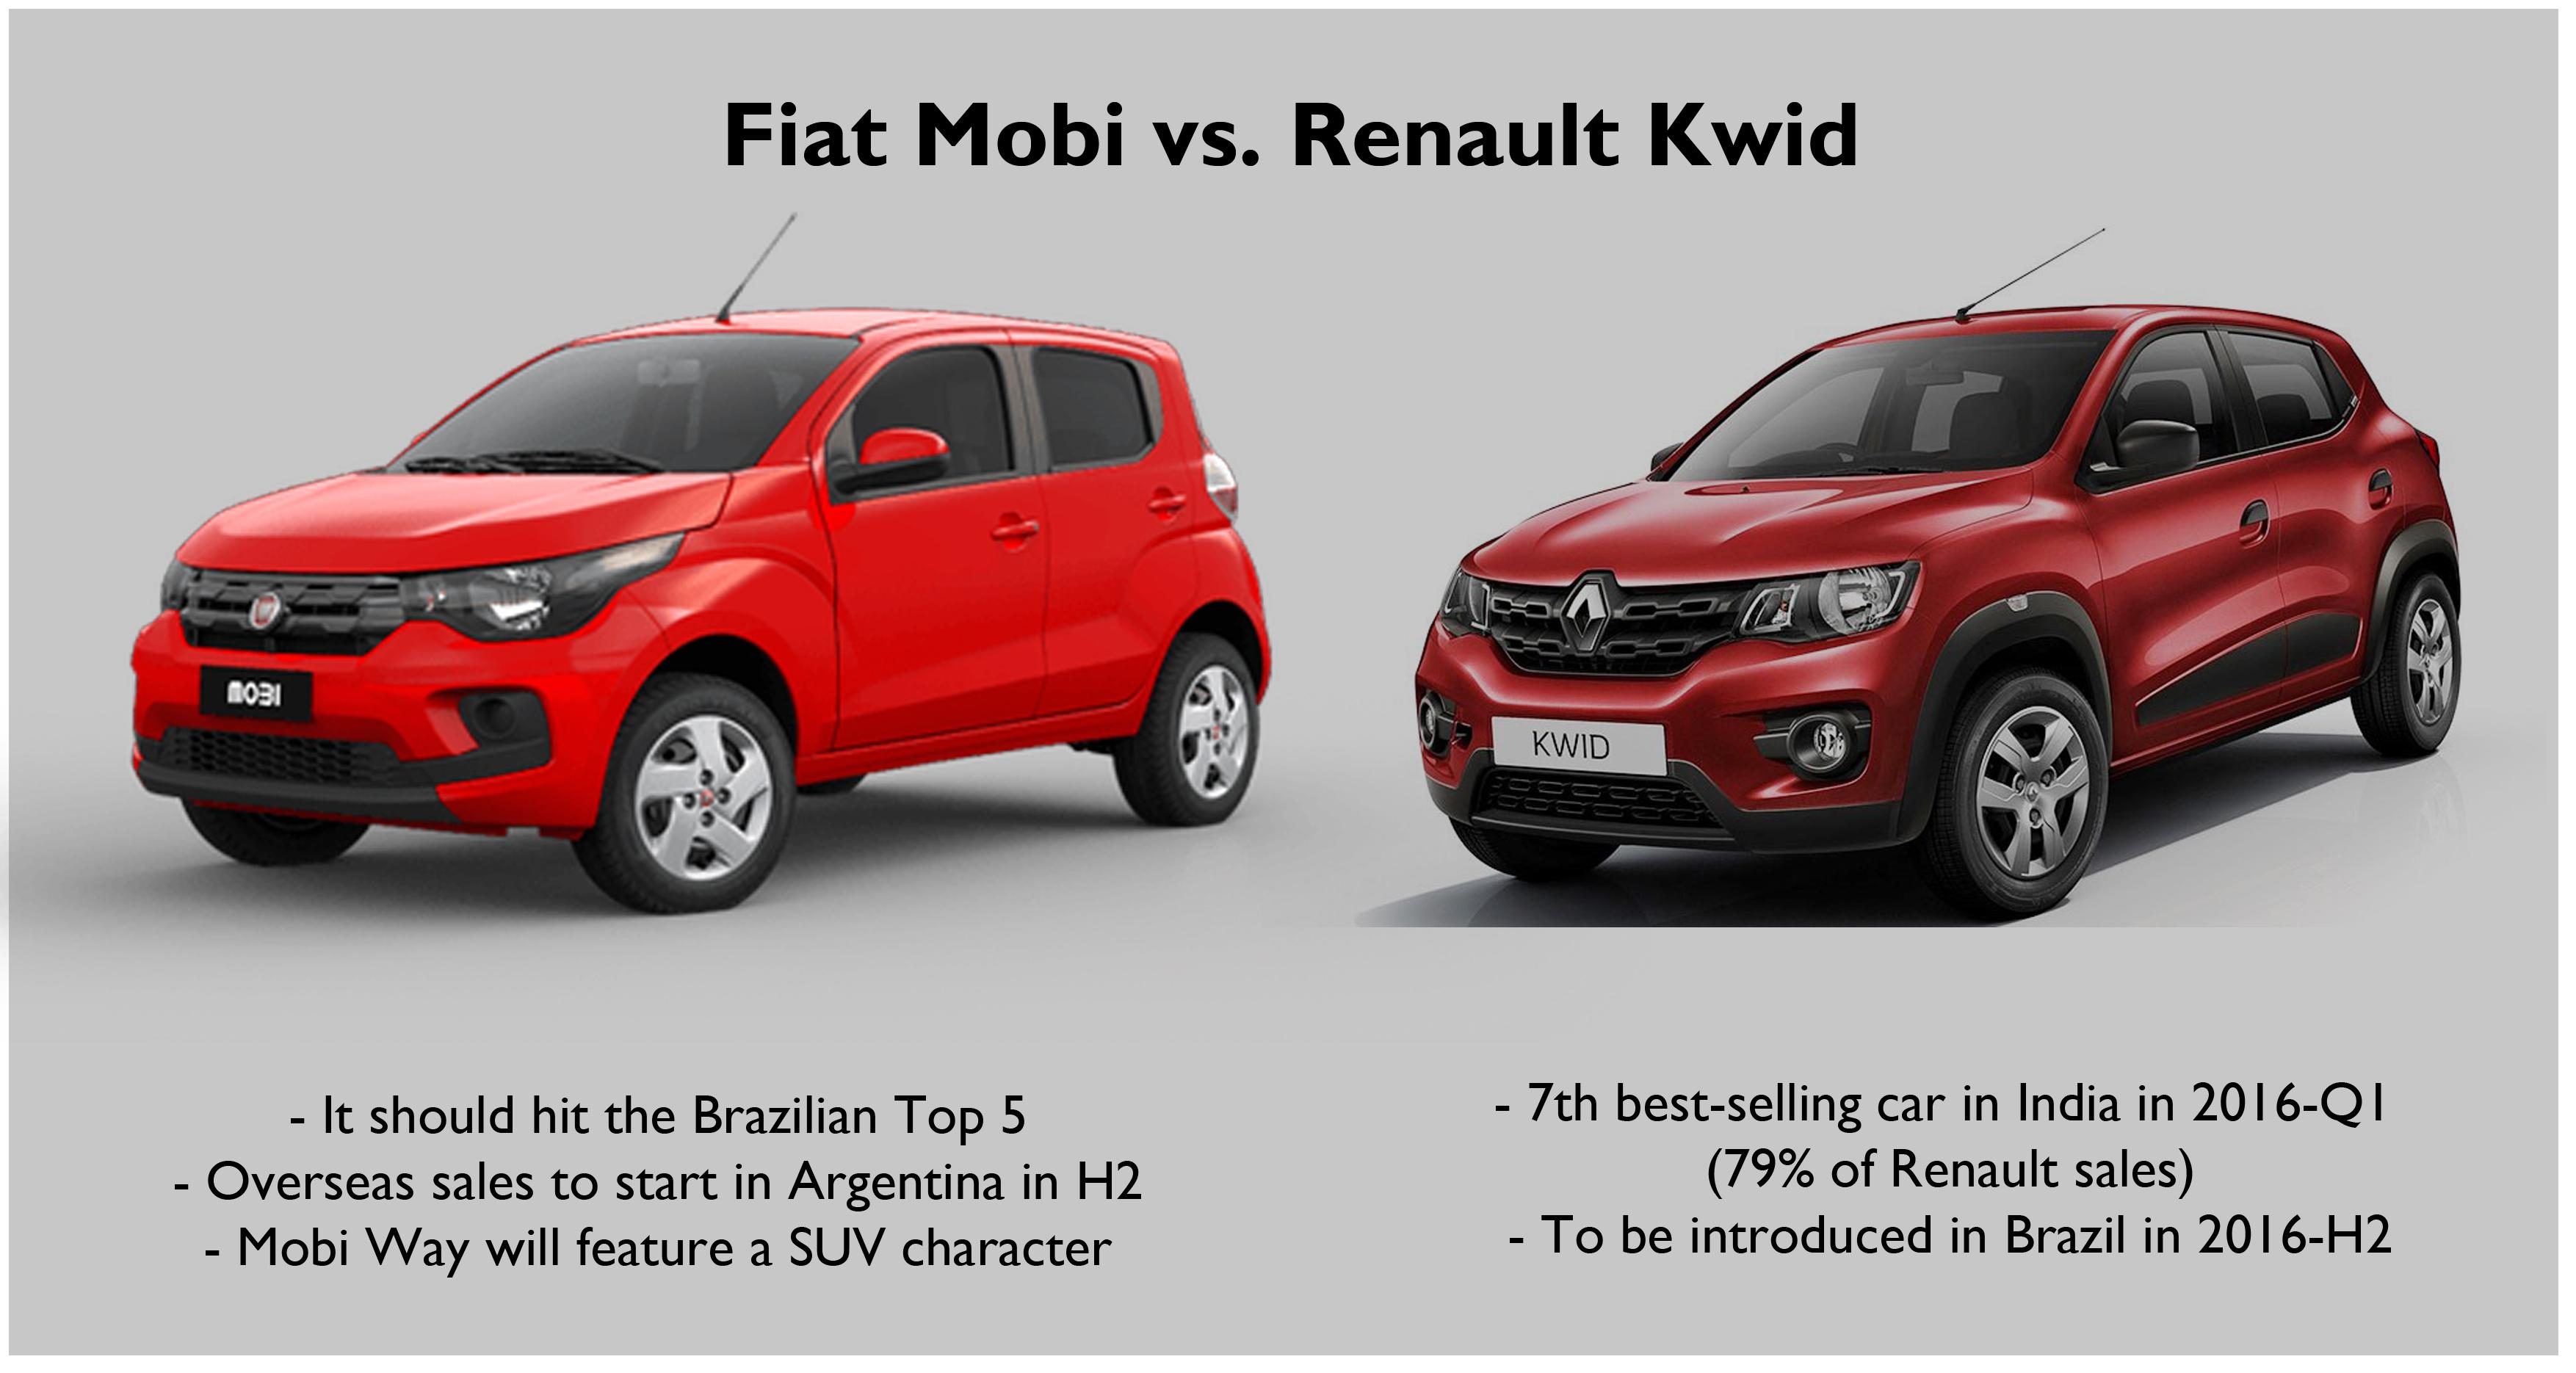 Fiat mobi 2017 1024 58juanfelipemunozvieirafiat mobi 2017 1024 1ffiat mobi vs rivalsfiat mobi 2mobifiat mobi 2017 1024 3d